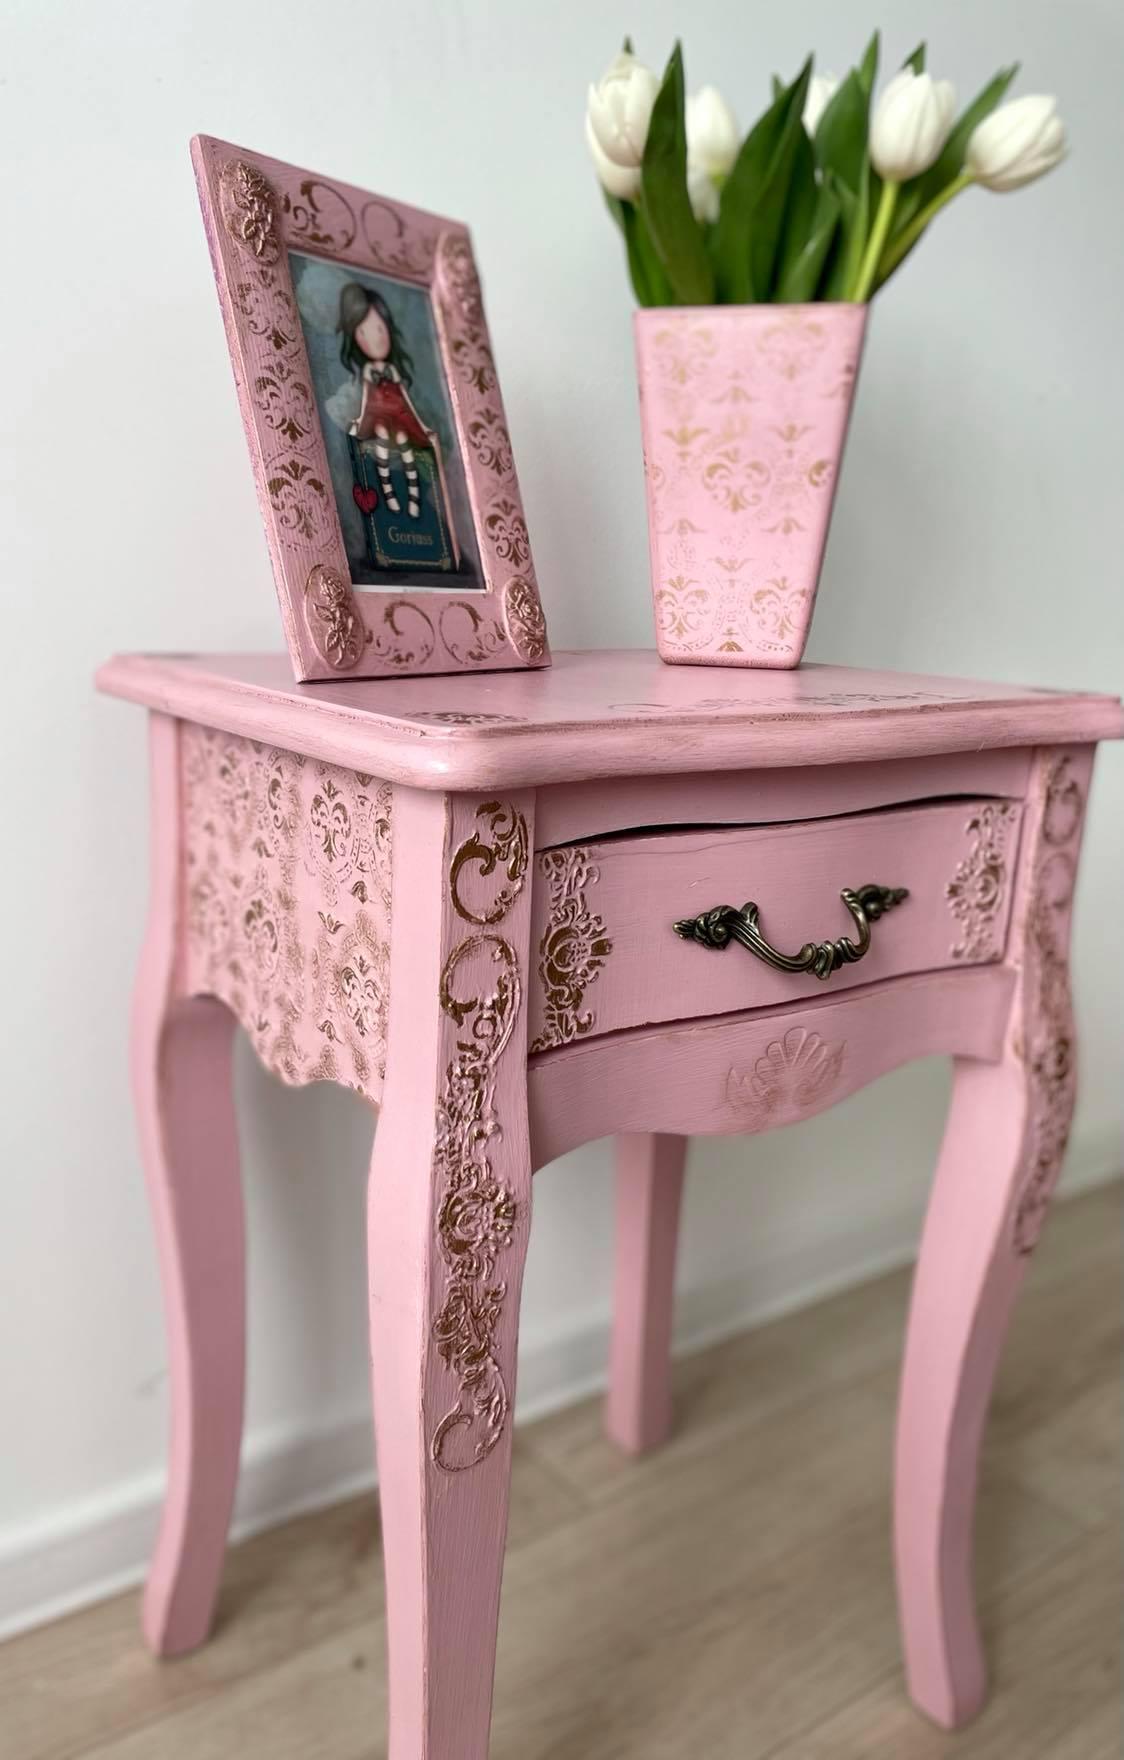 Cadou handmade special